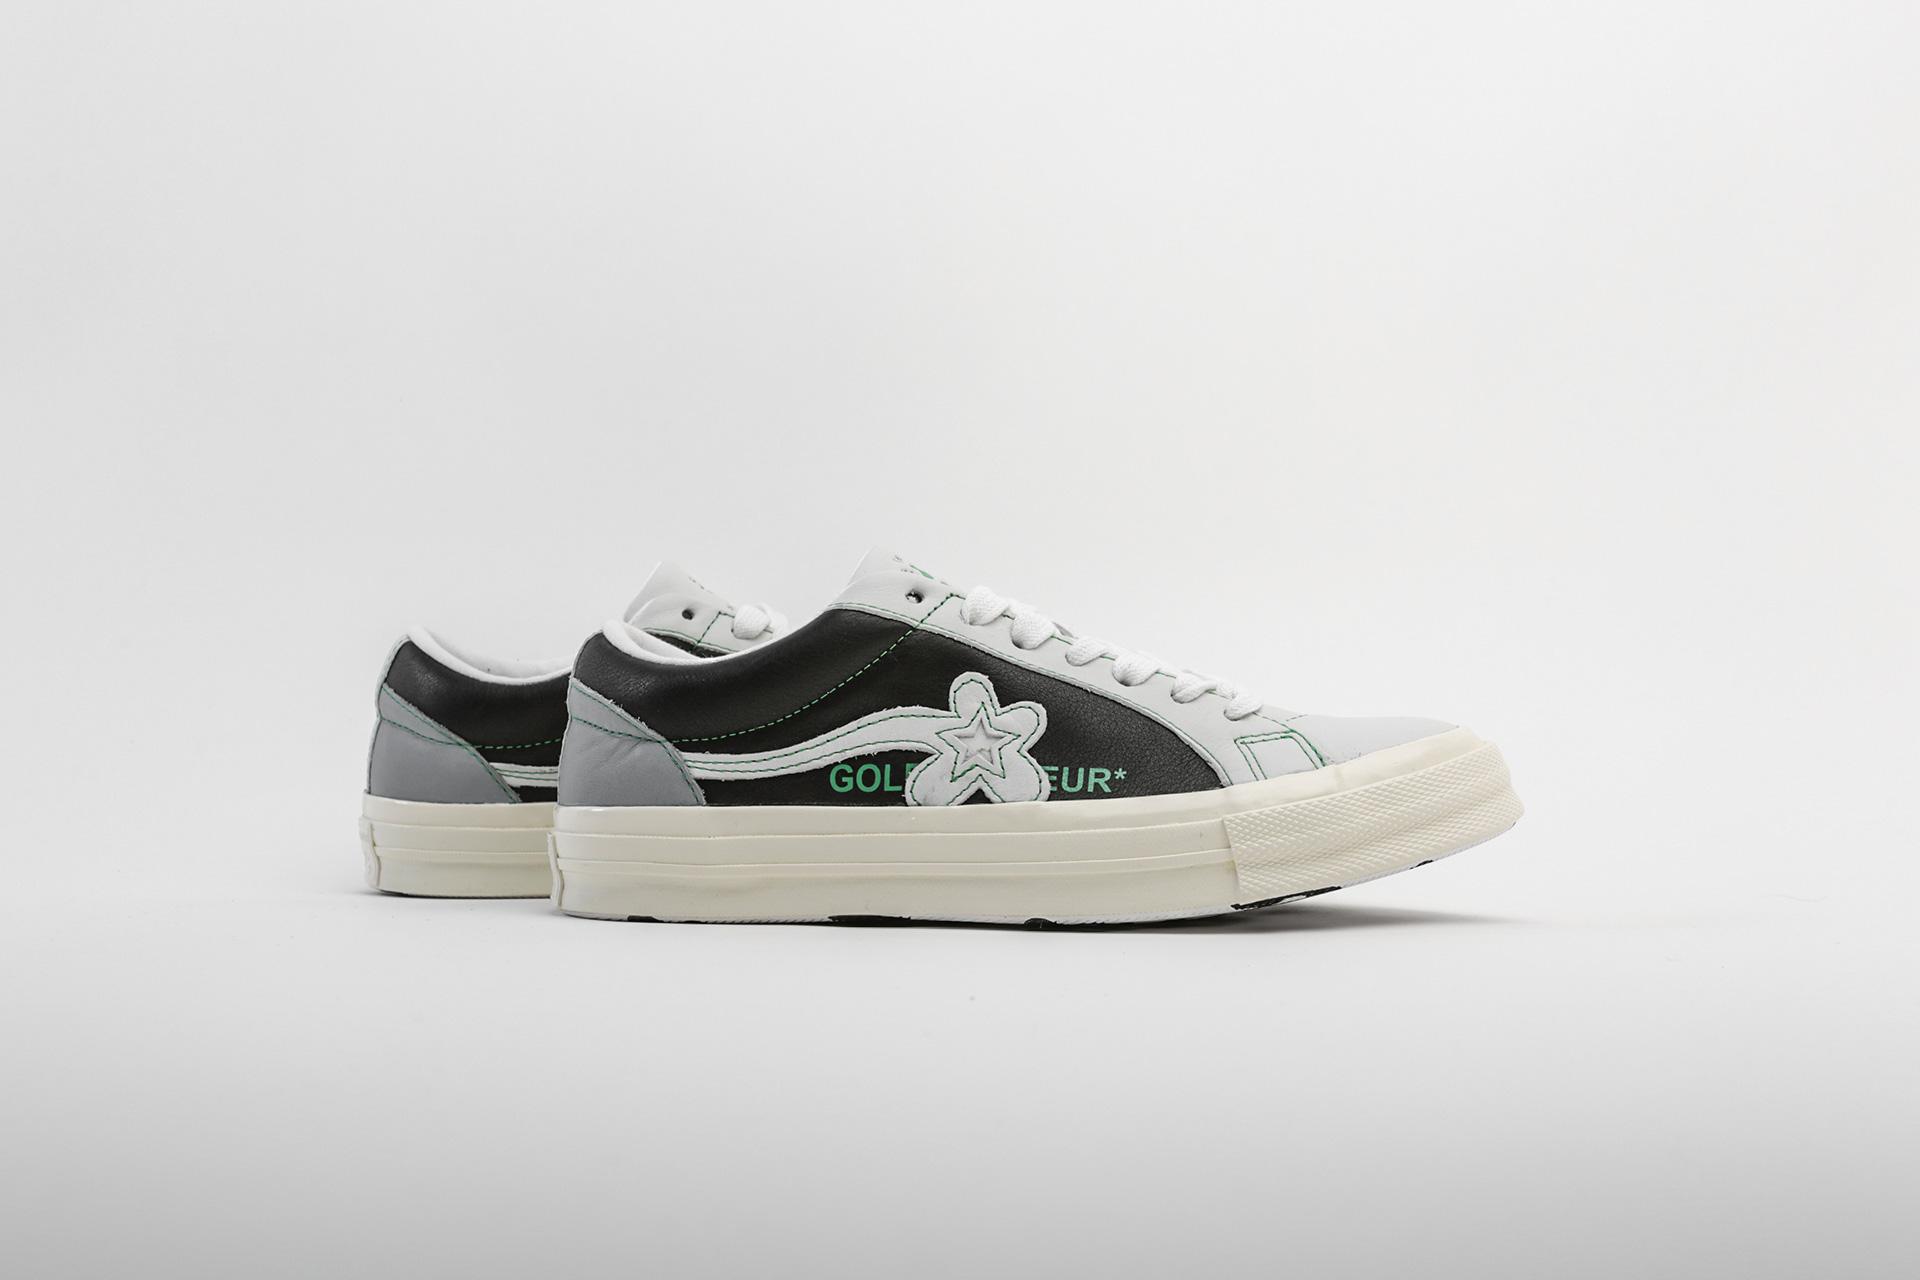 97264395 Купить серые мужские кроссовки One Star Golf Le Fleur OX от Converse ...